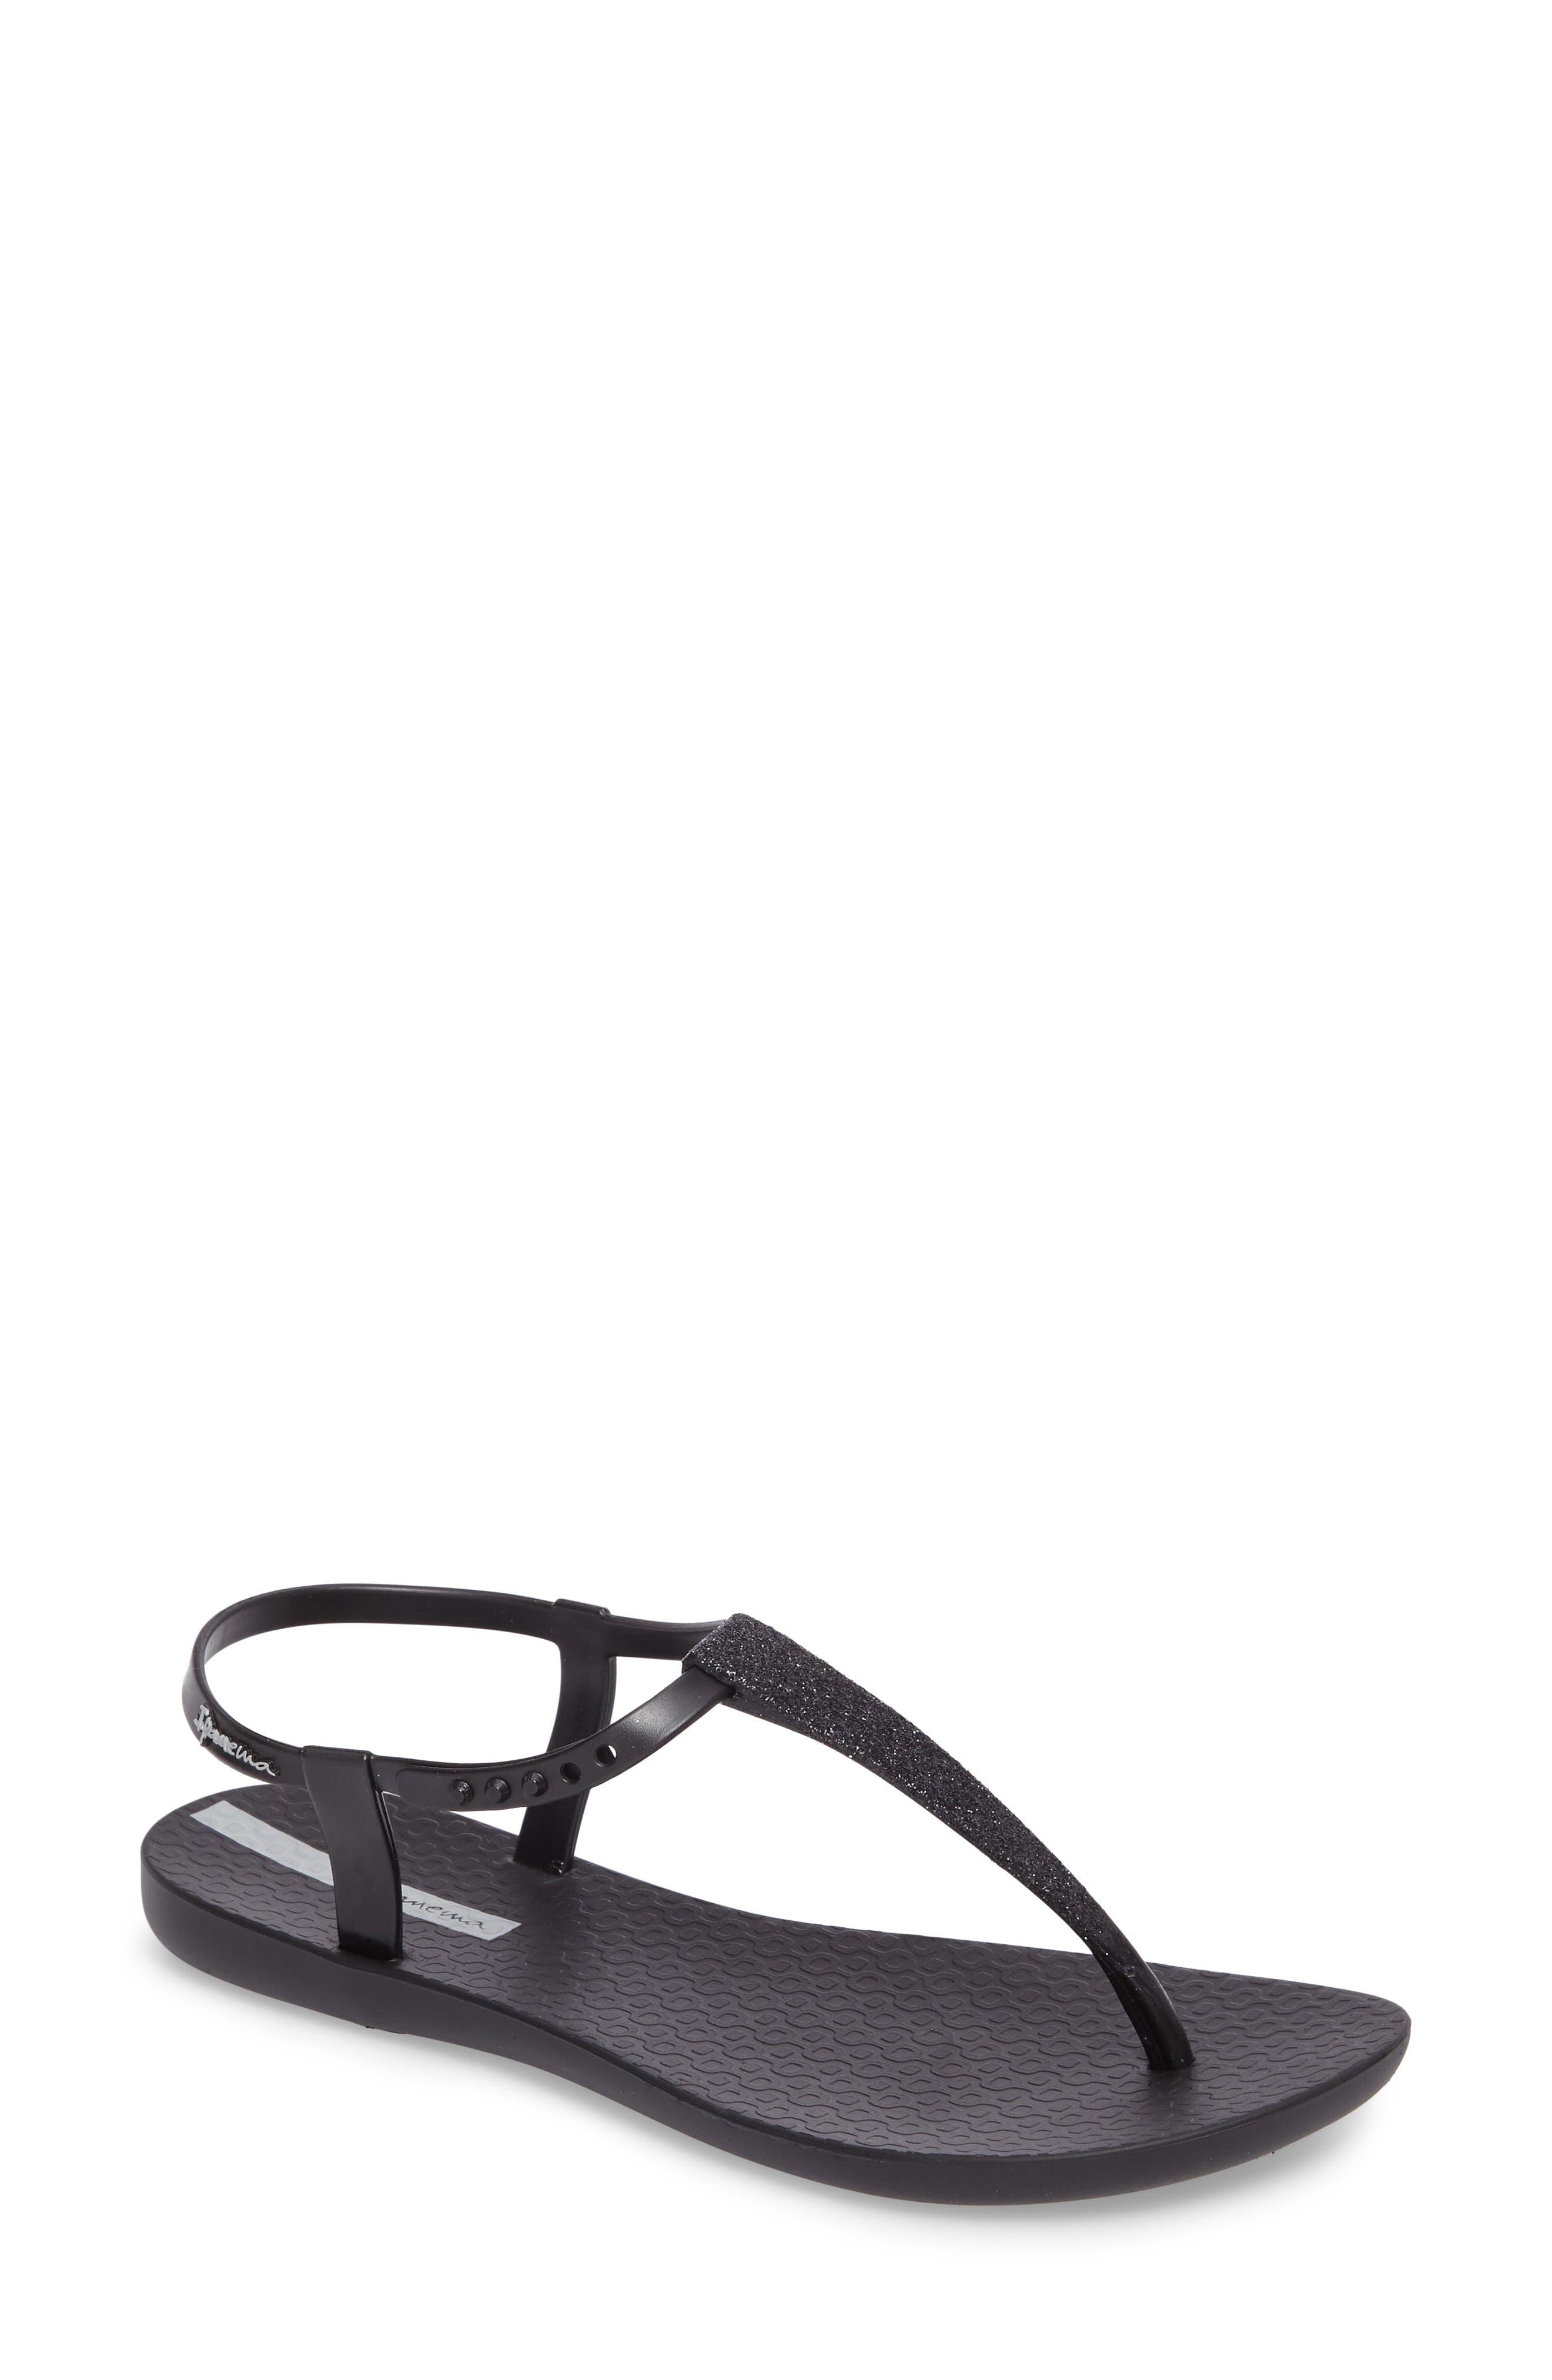 Shimmer Sandal,                         Main,                         color, Black/ Black